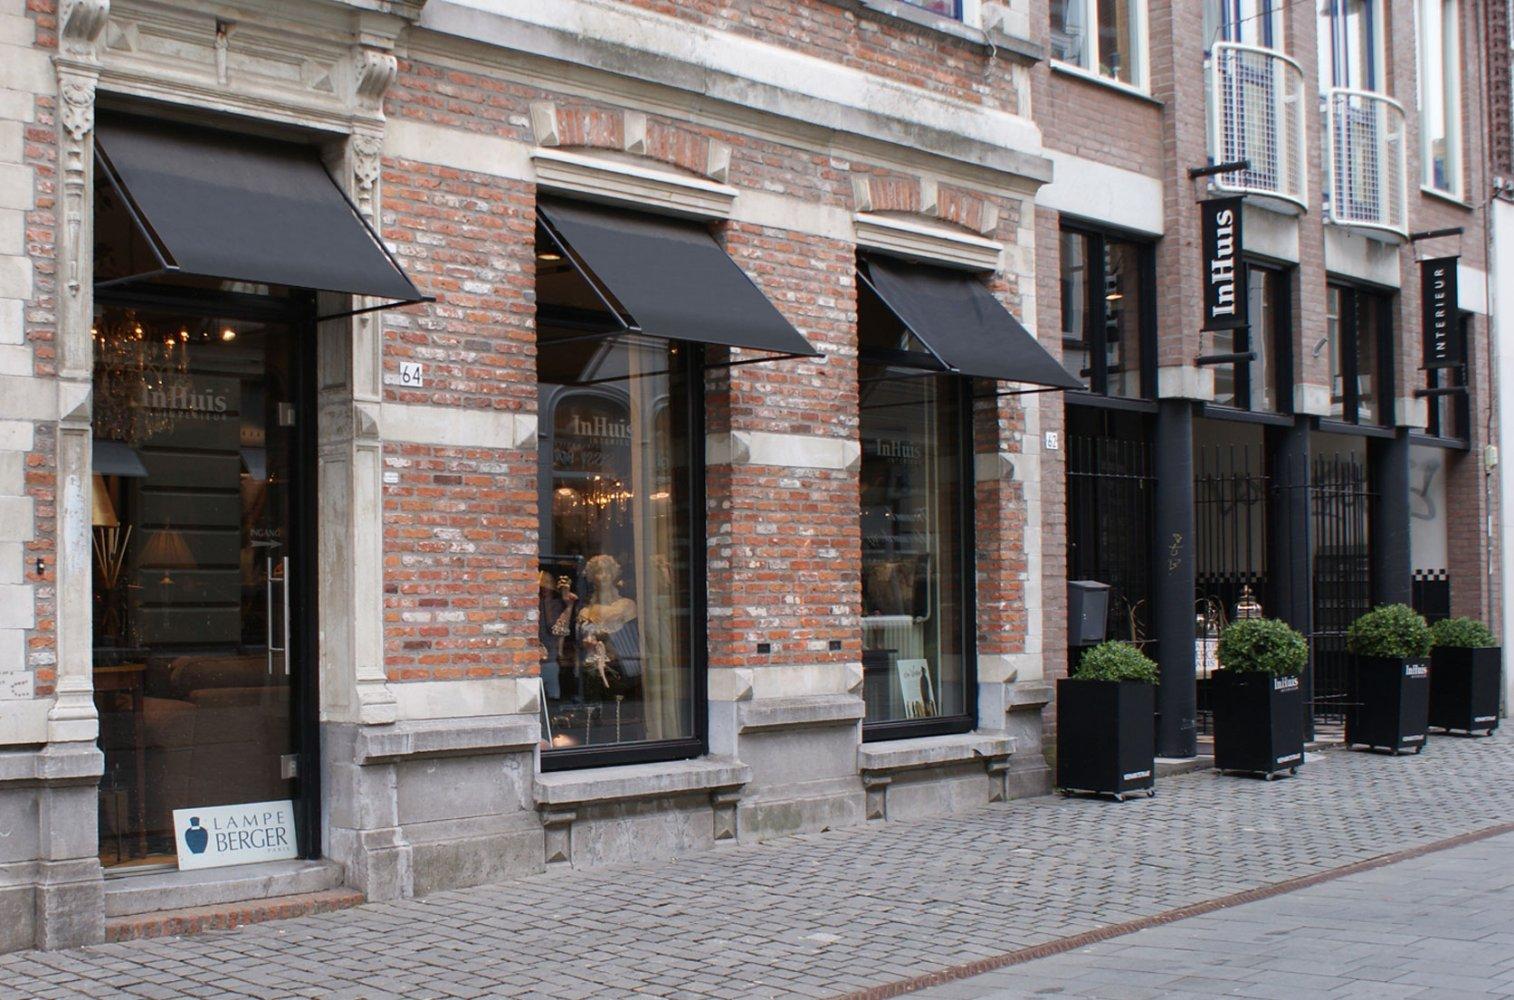 InHuis Interieur - Stappen & Shoppen Breda